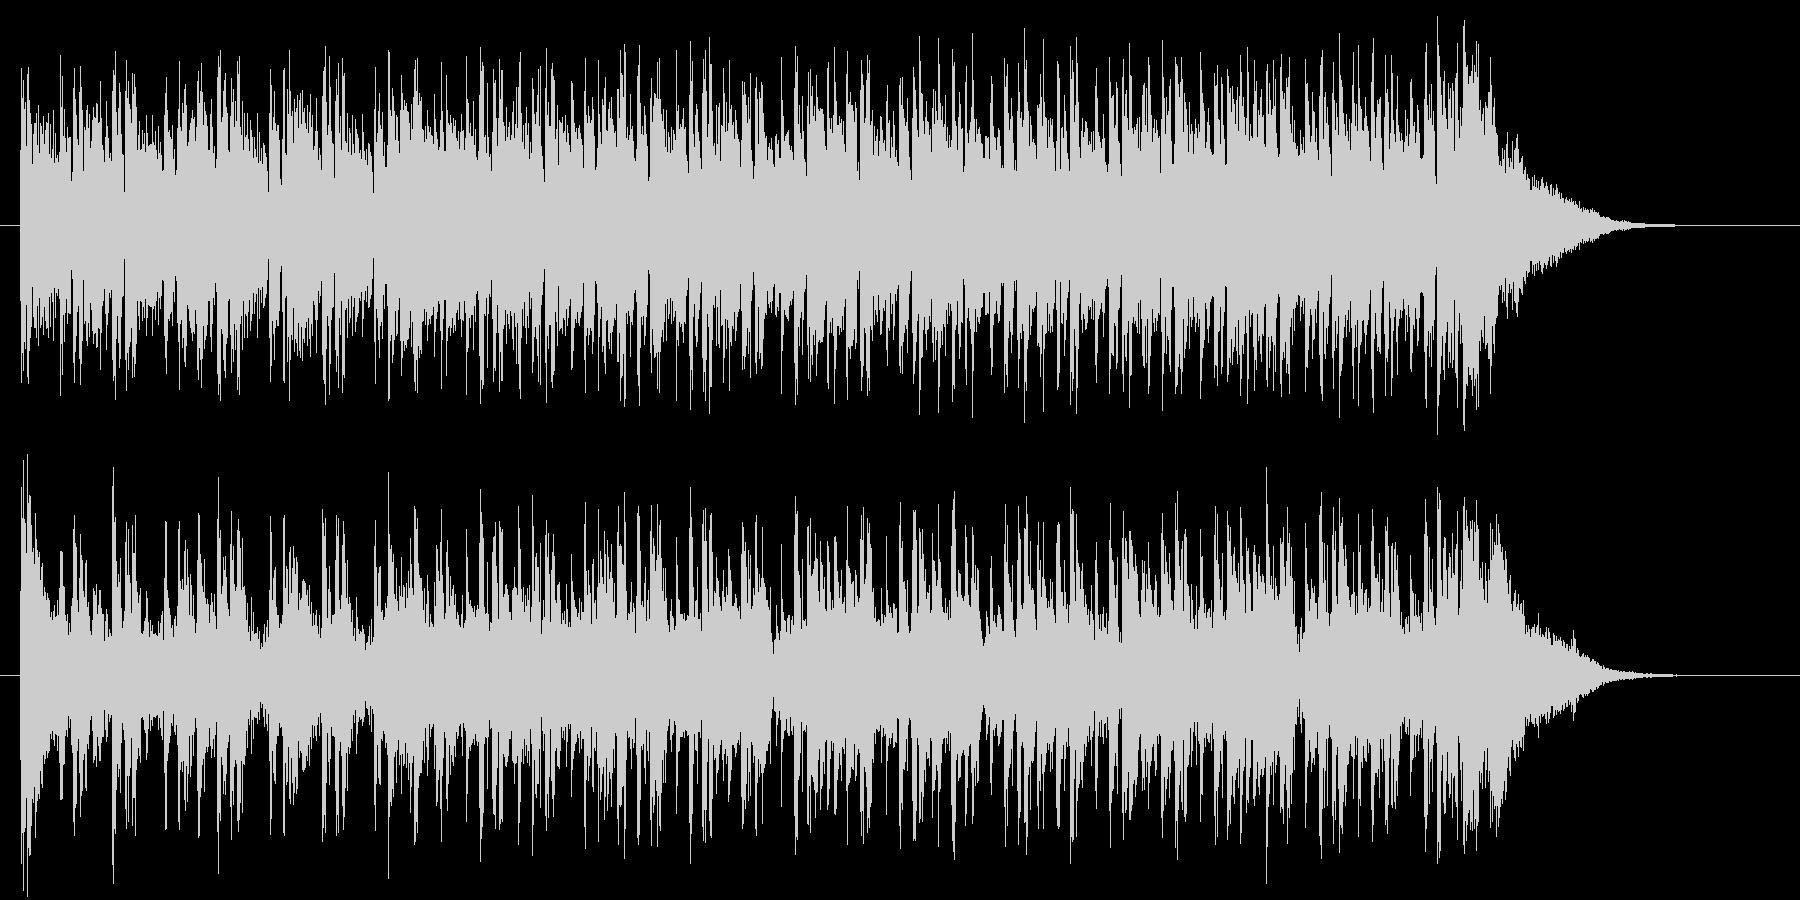 リズミカルで軽快なテクノポップジングルの未再生の波形